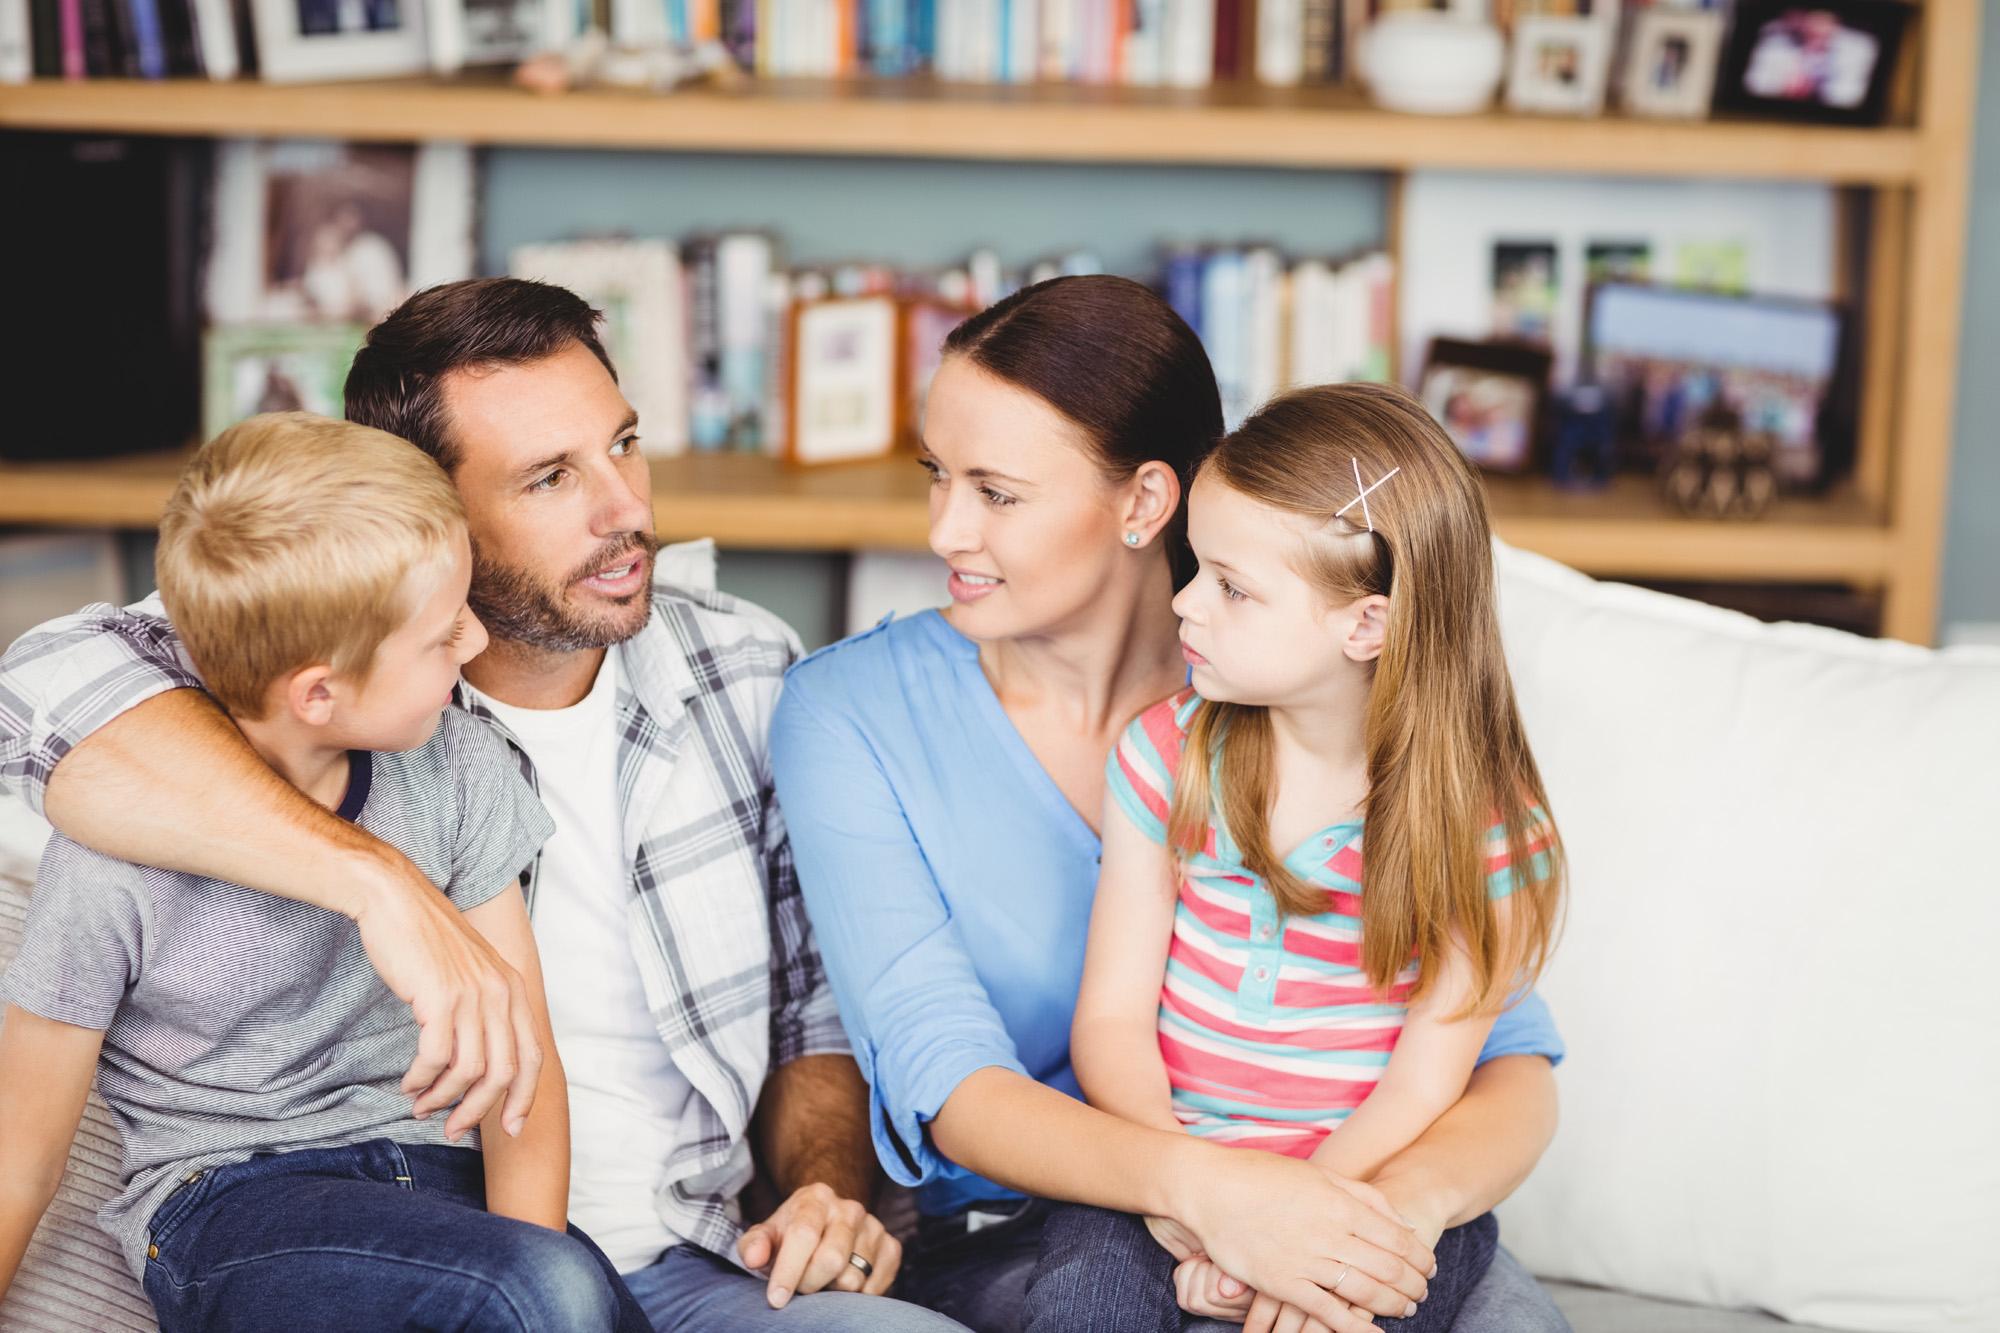 separacion-con-hijos-el-efecto-mariposa